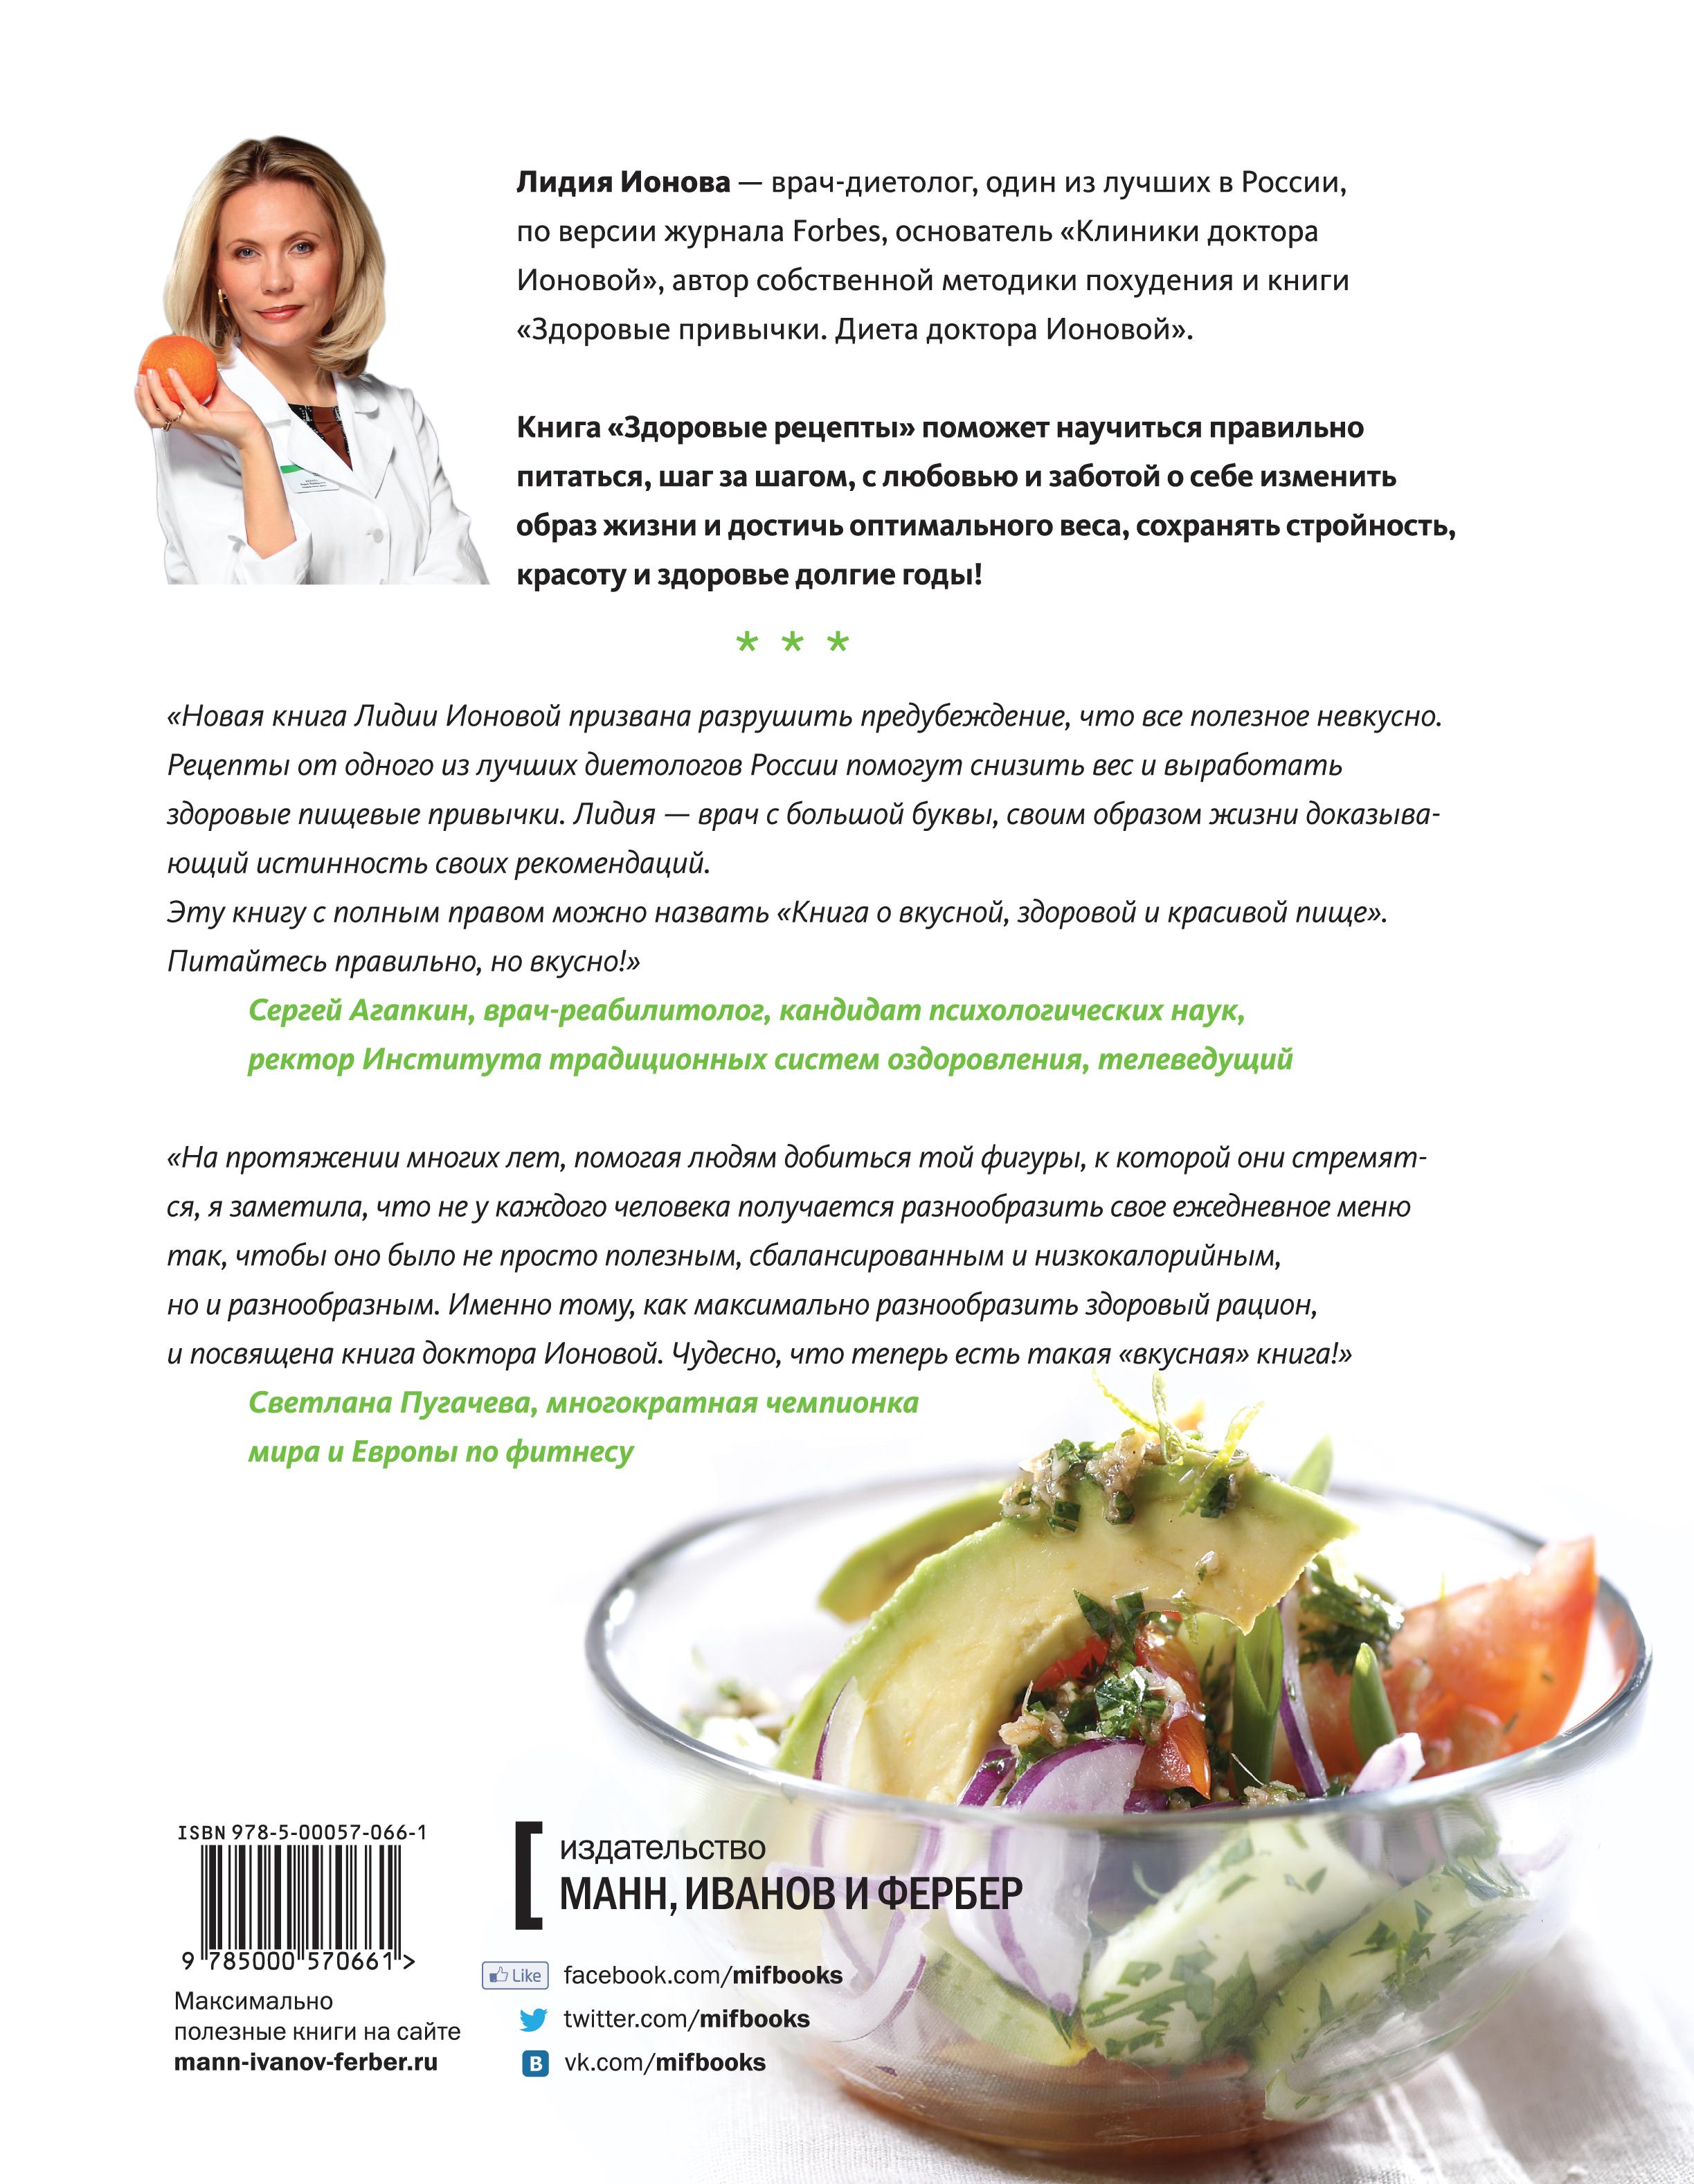 Здоровые рецепты доктора Ионовой. Как есть, чтобы похудеть и сохранить стройность навсегда